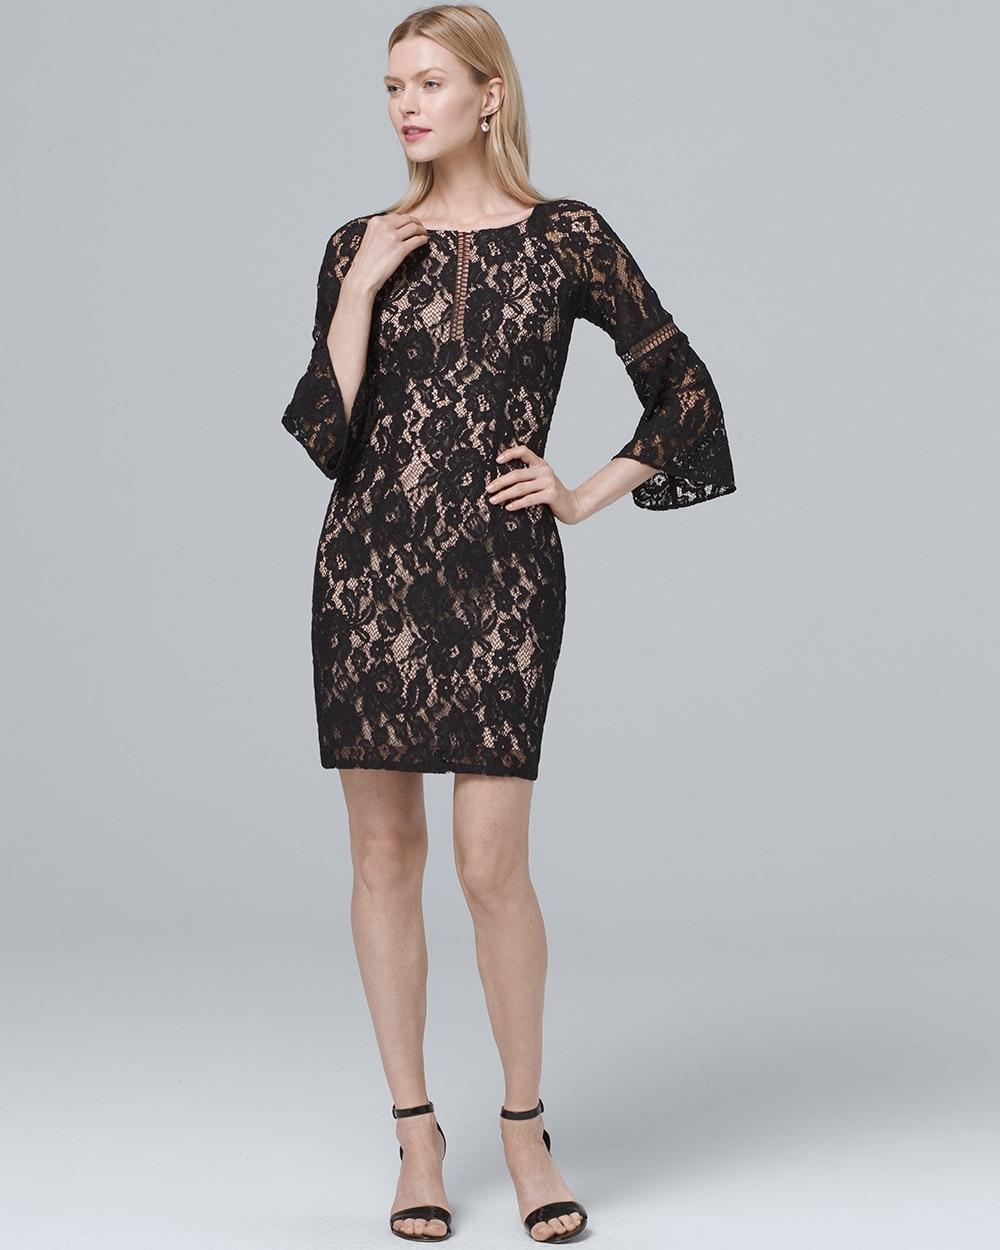 Shop Work Dresses For Women White House Black Market